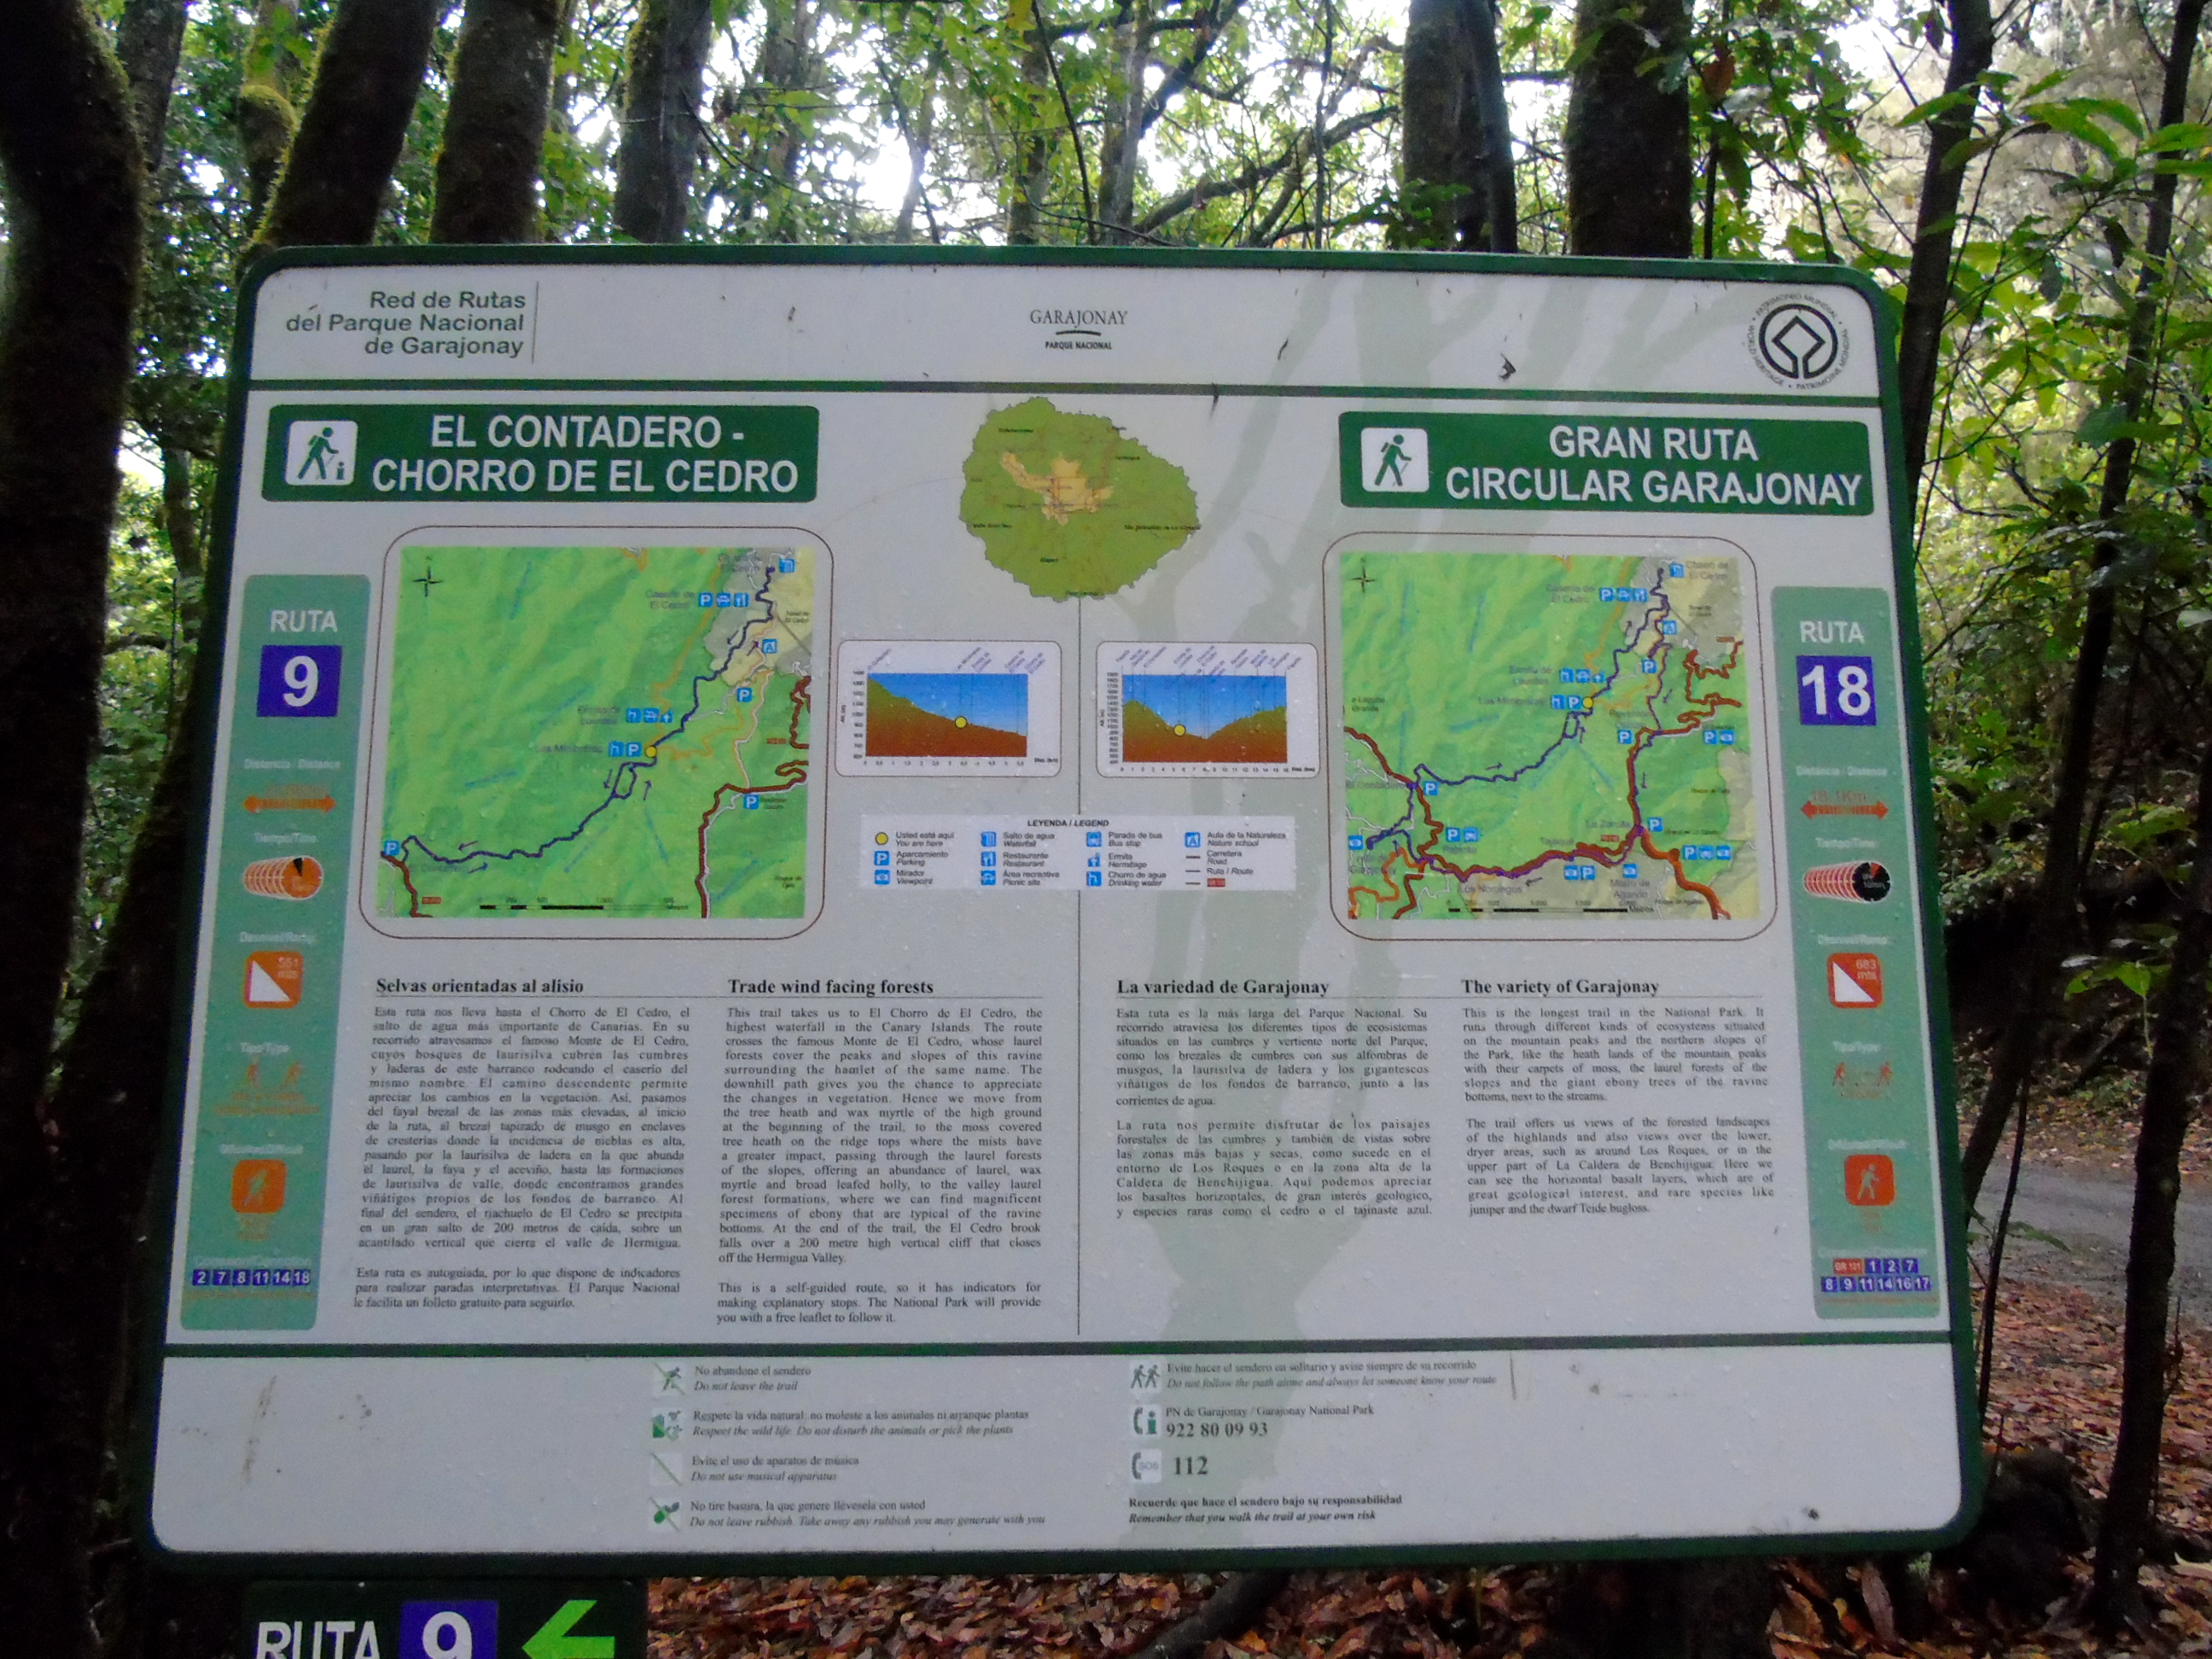 Parque Nacional de Garajonay | Senderismo | La Gomera | Panel explicativo ruta 9 y 18